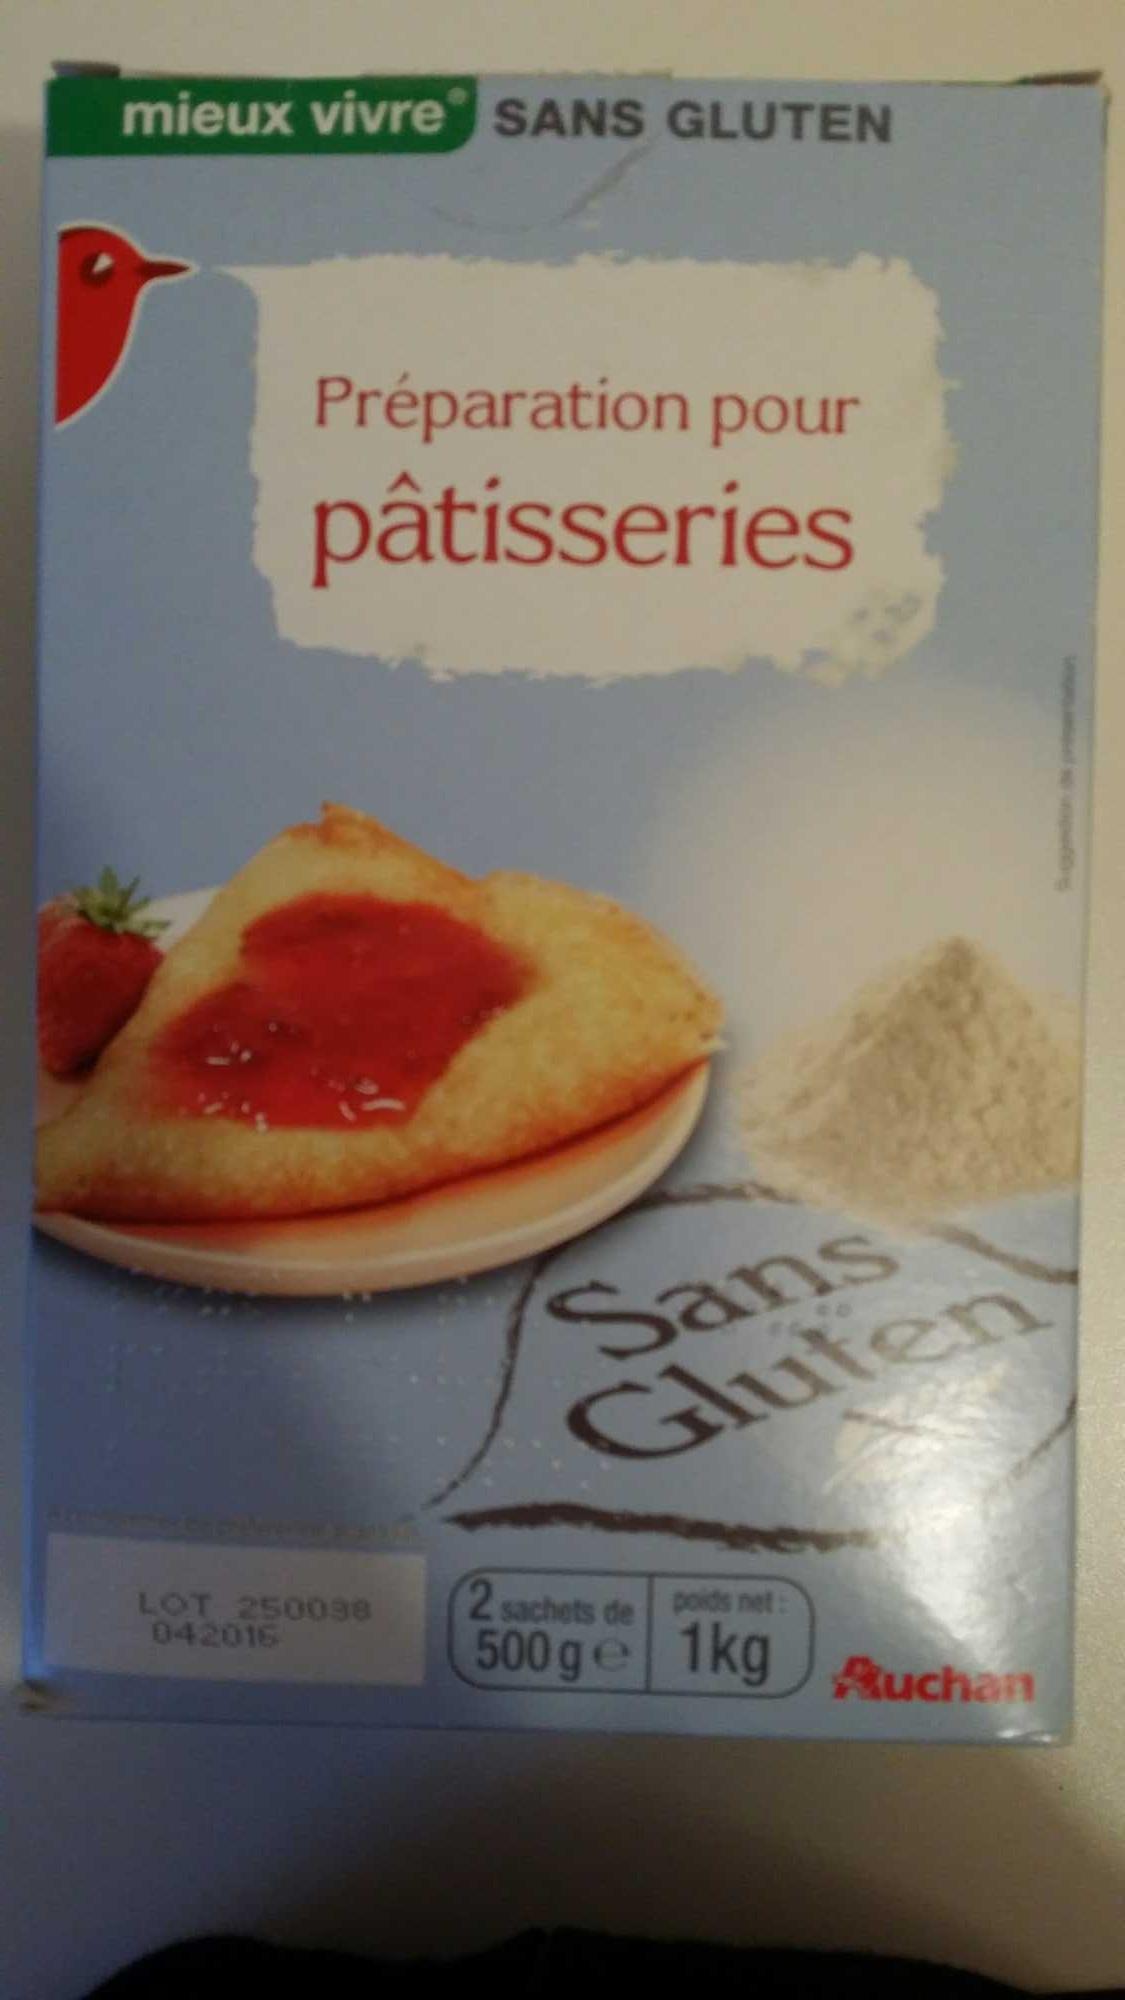 Préparation pour pâtisseries - Product - fr